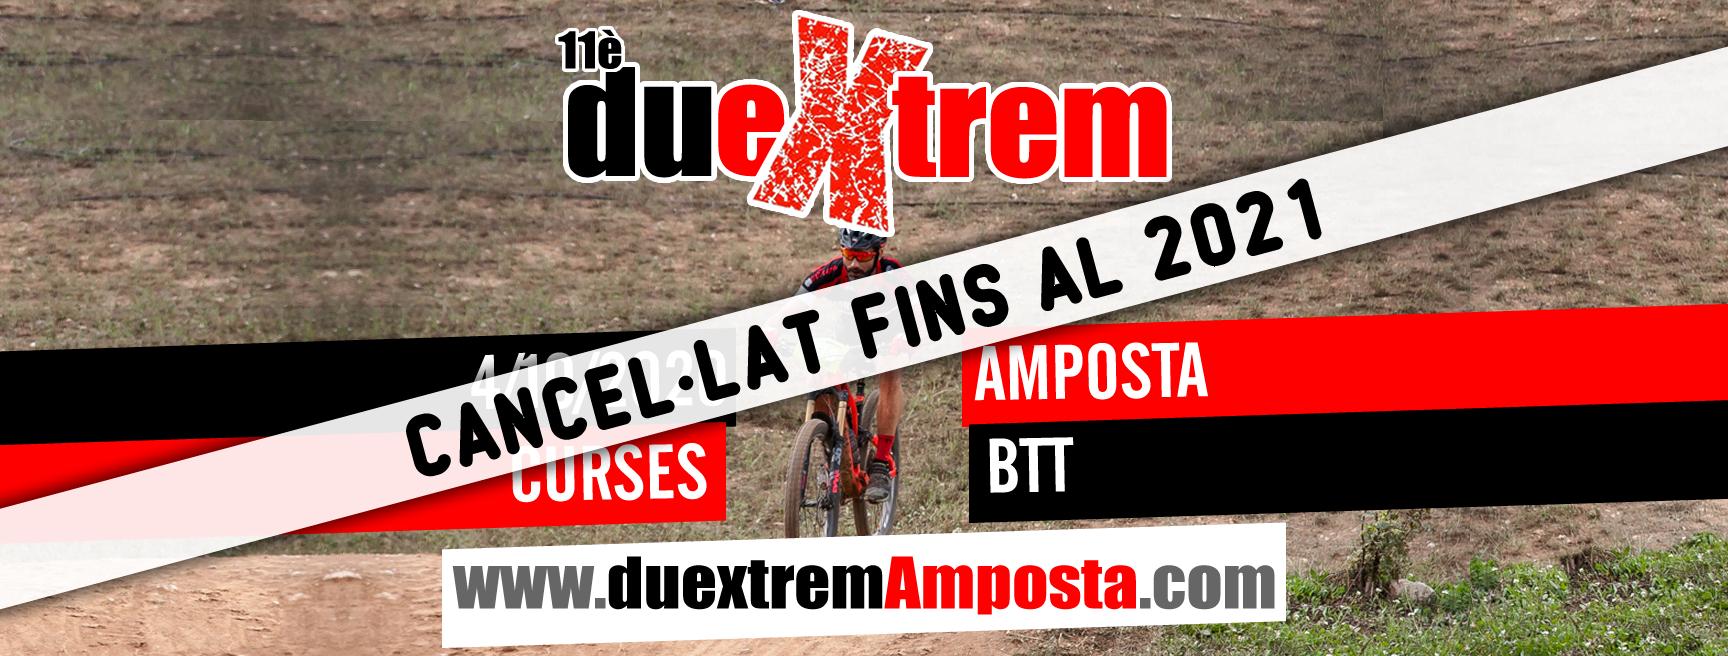 Duextrem Amposta BTT 2020 CANCEL·LAT